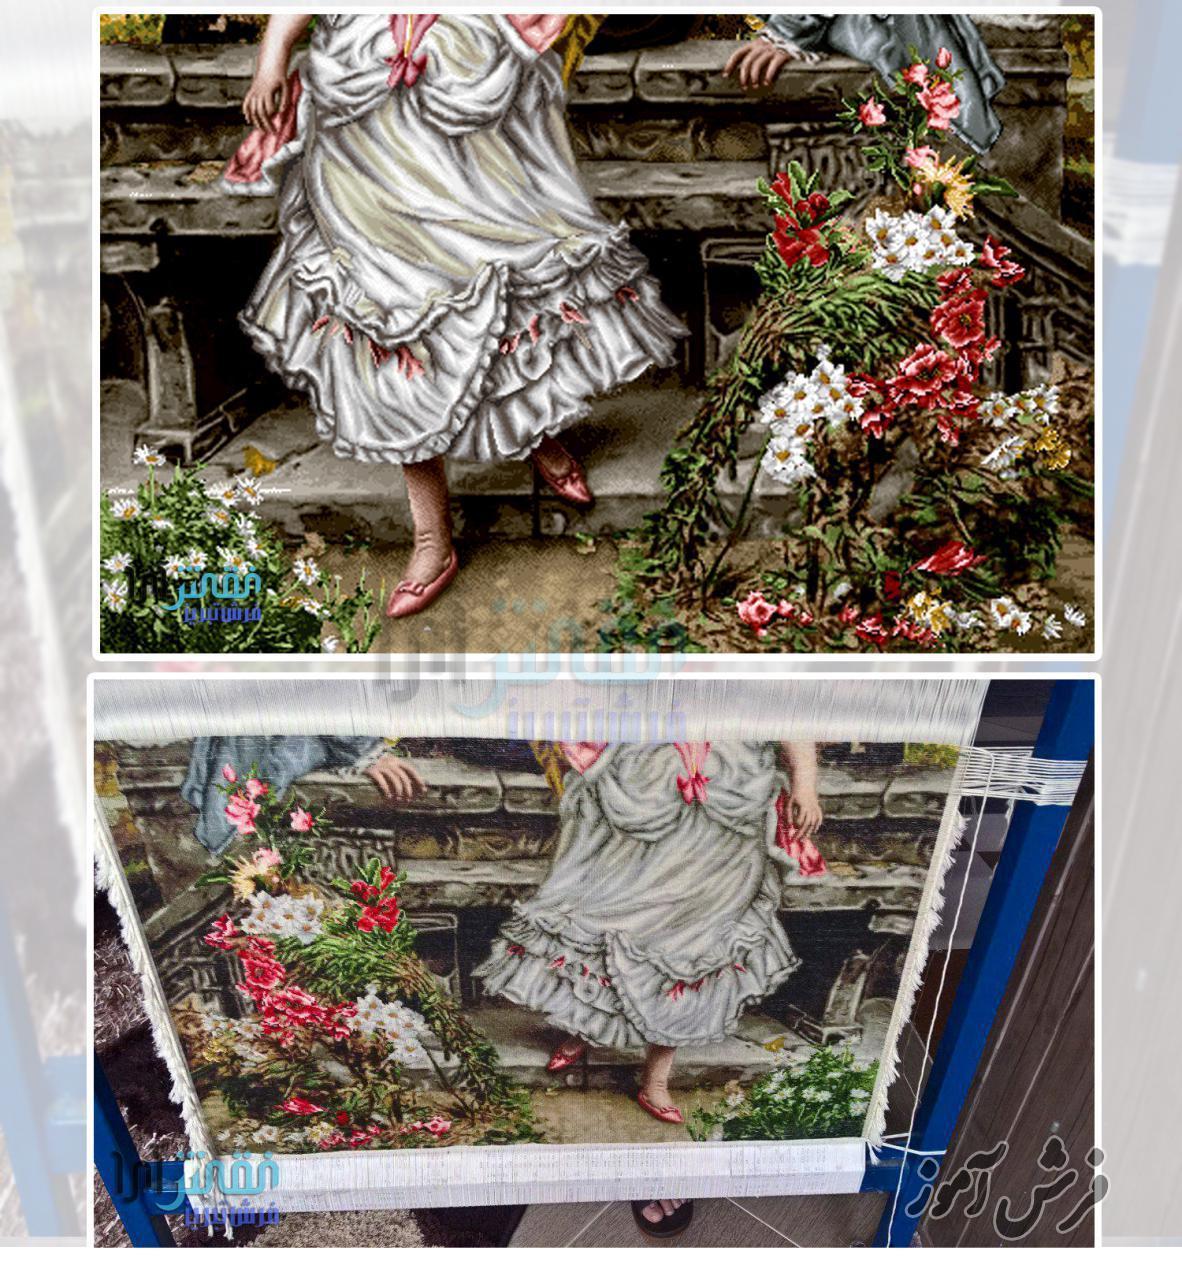 تابلو فرش بافته شده تبریز شهر سردرود